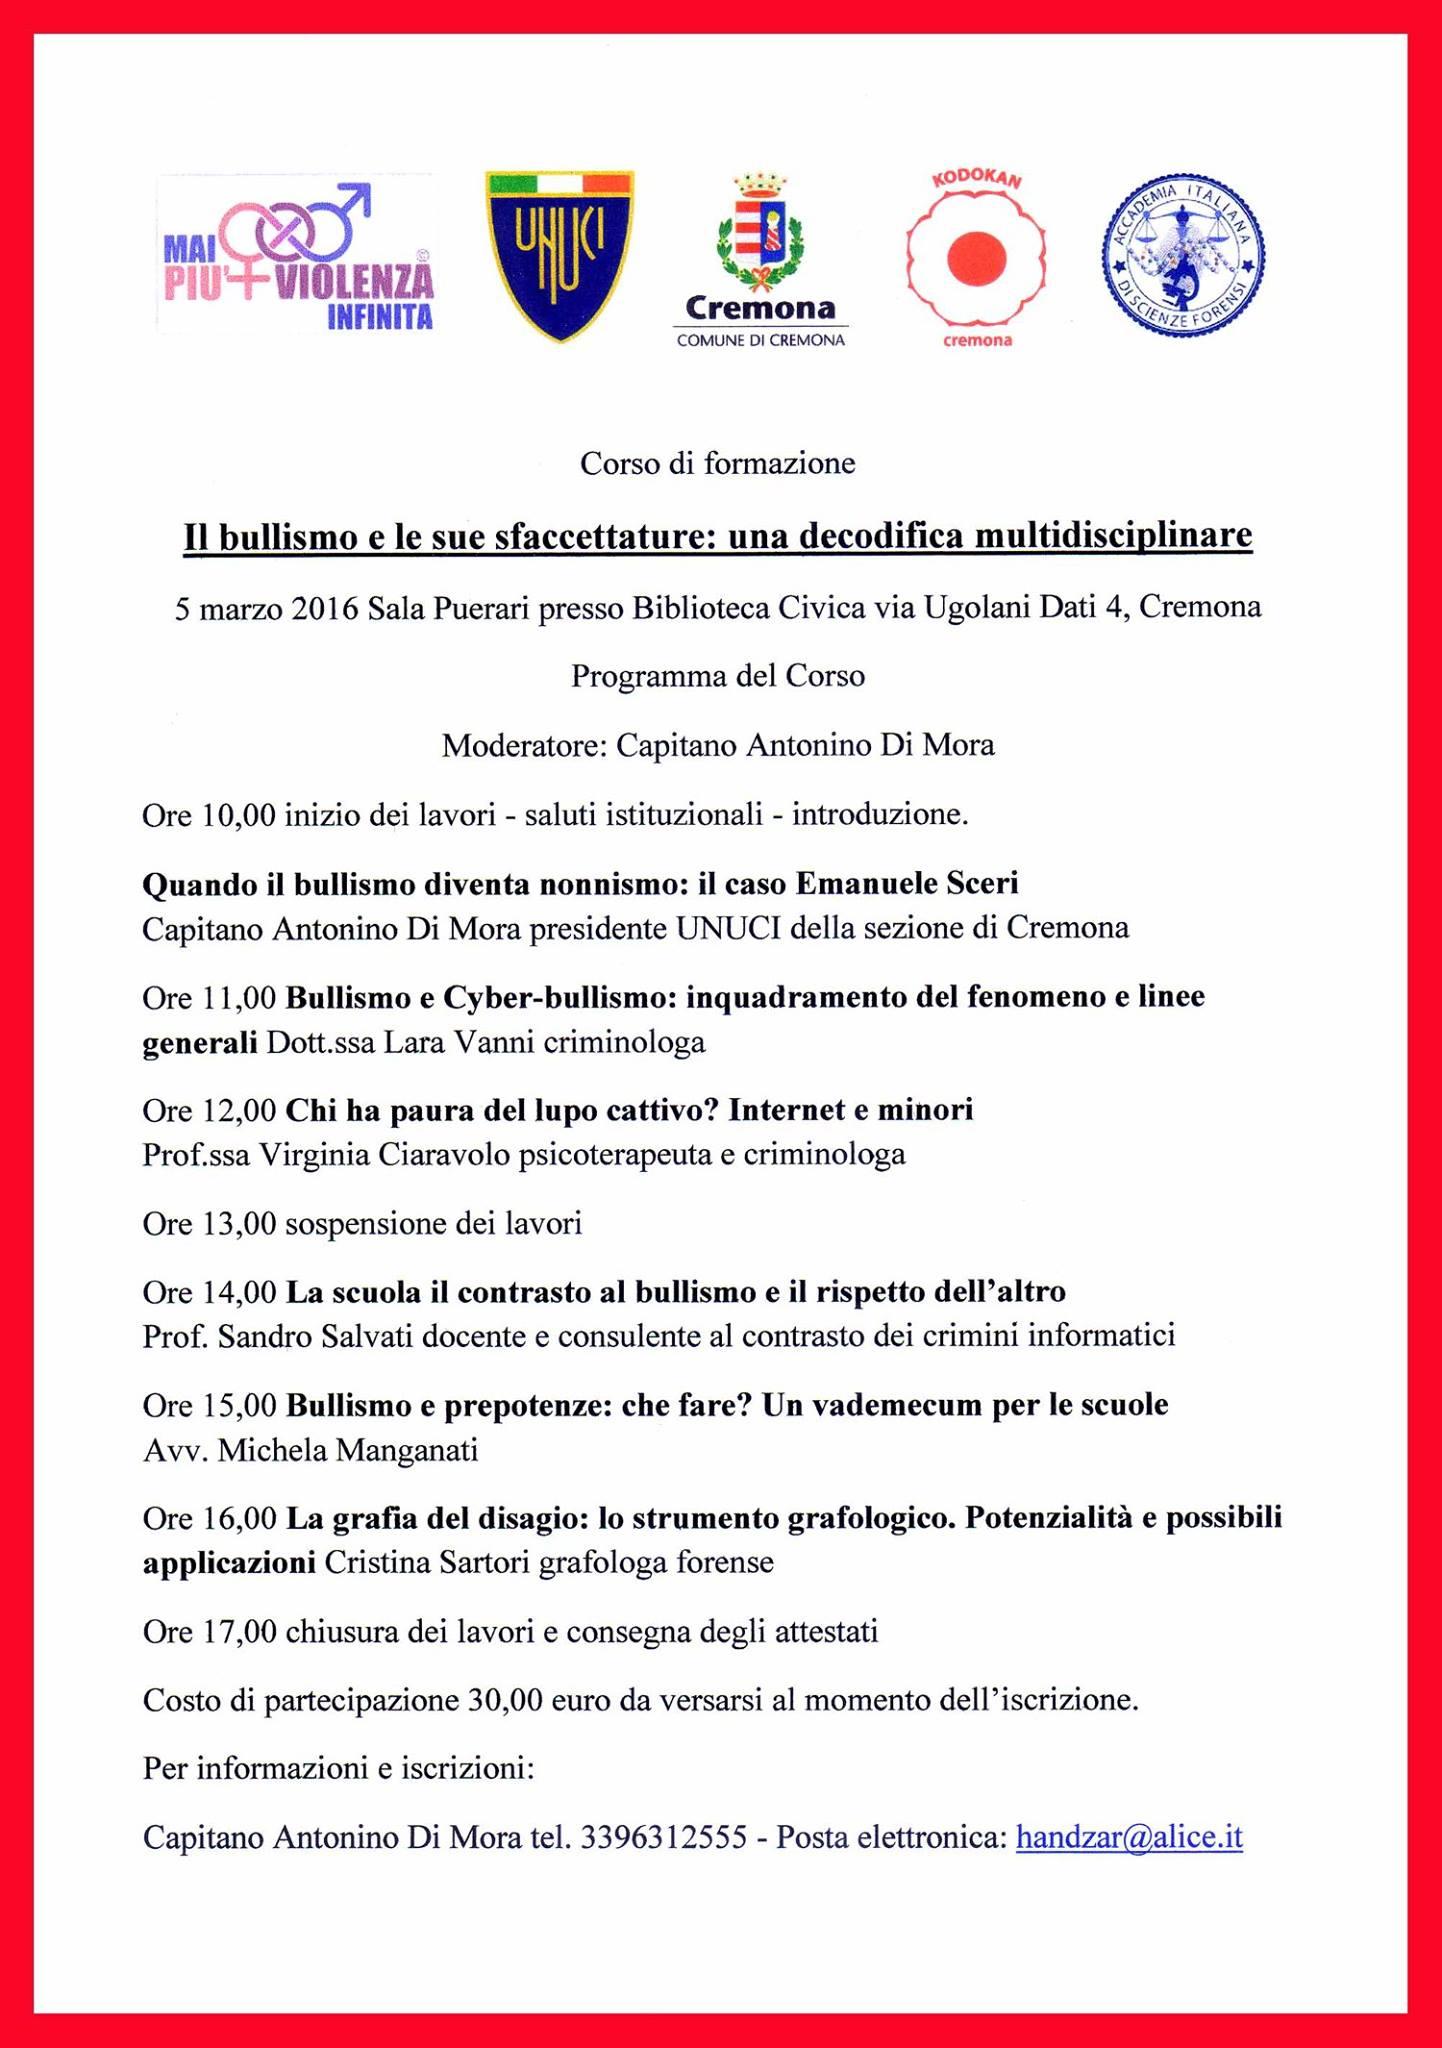 Convegno Cremona 5 Marzo 2016